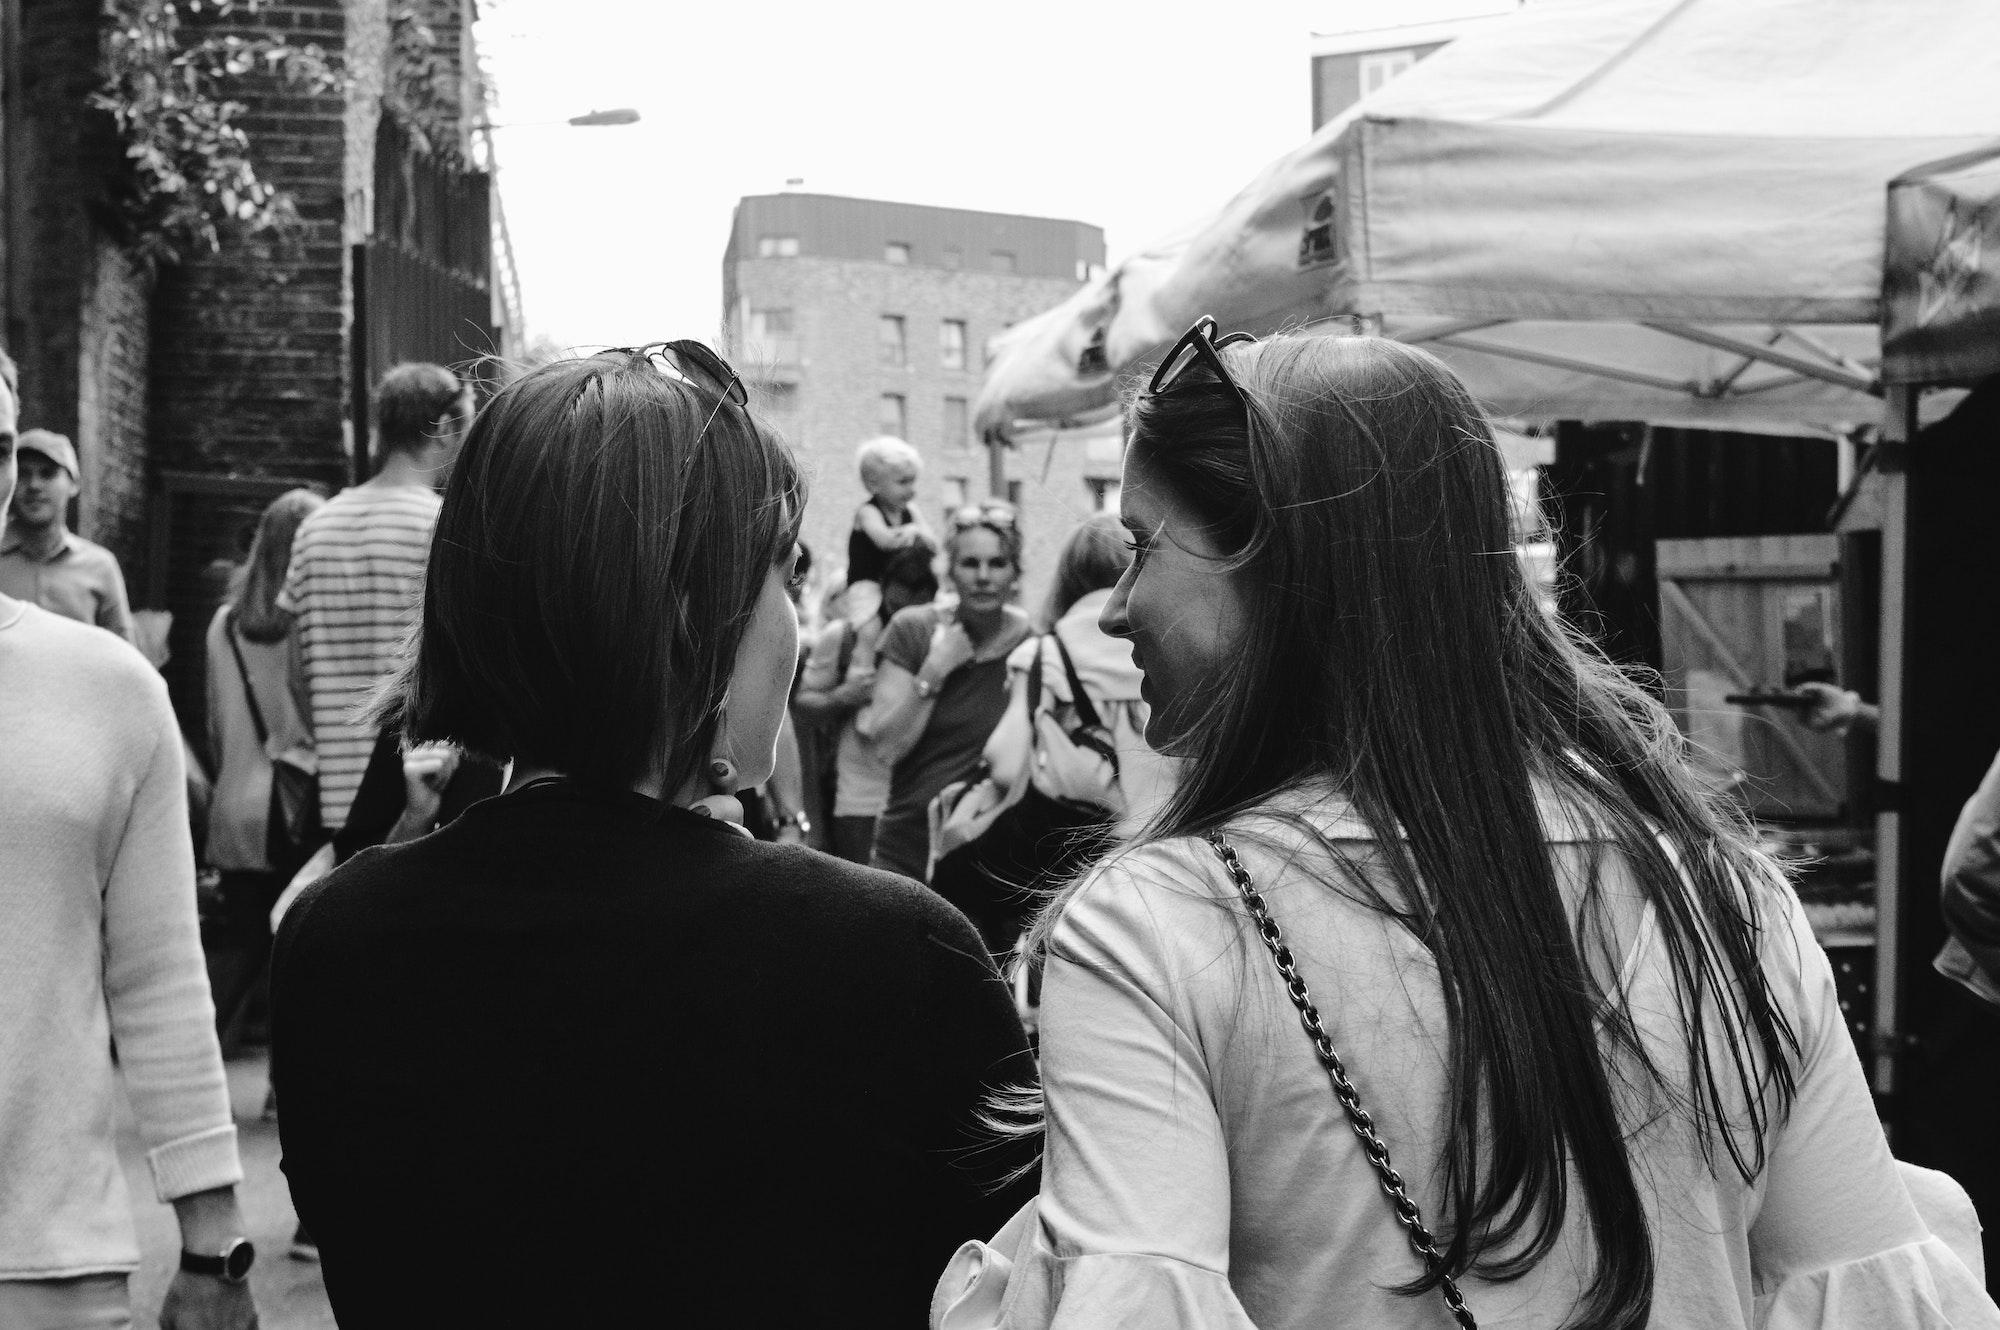 To kvinder fotograferet bagfra i en større menneskemængde